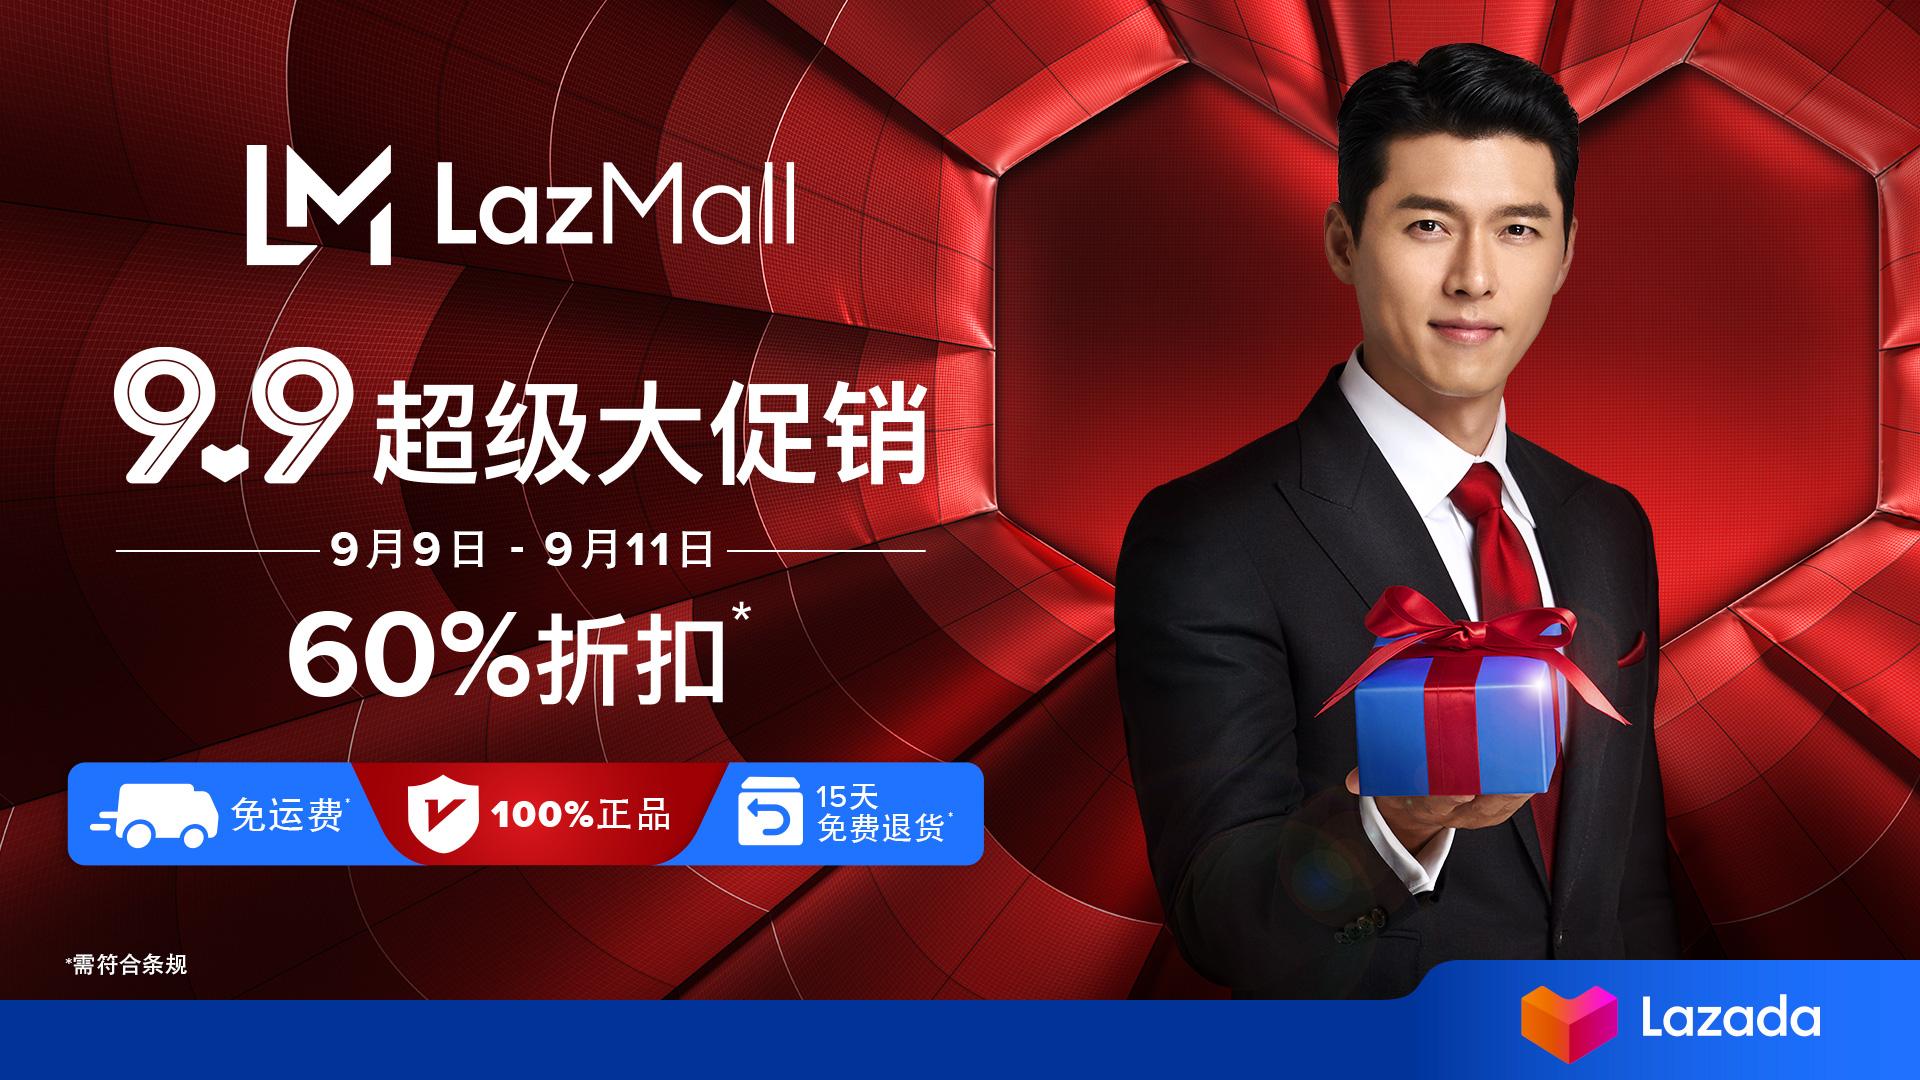 玄彬受委为LazMall品牌商城首位区域品牌大使。-Lazada提供-